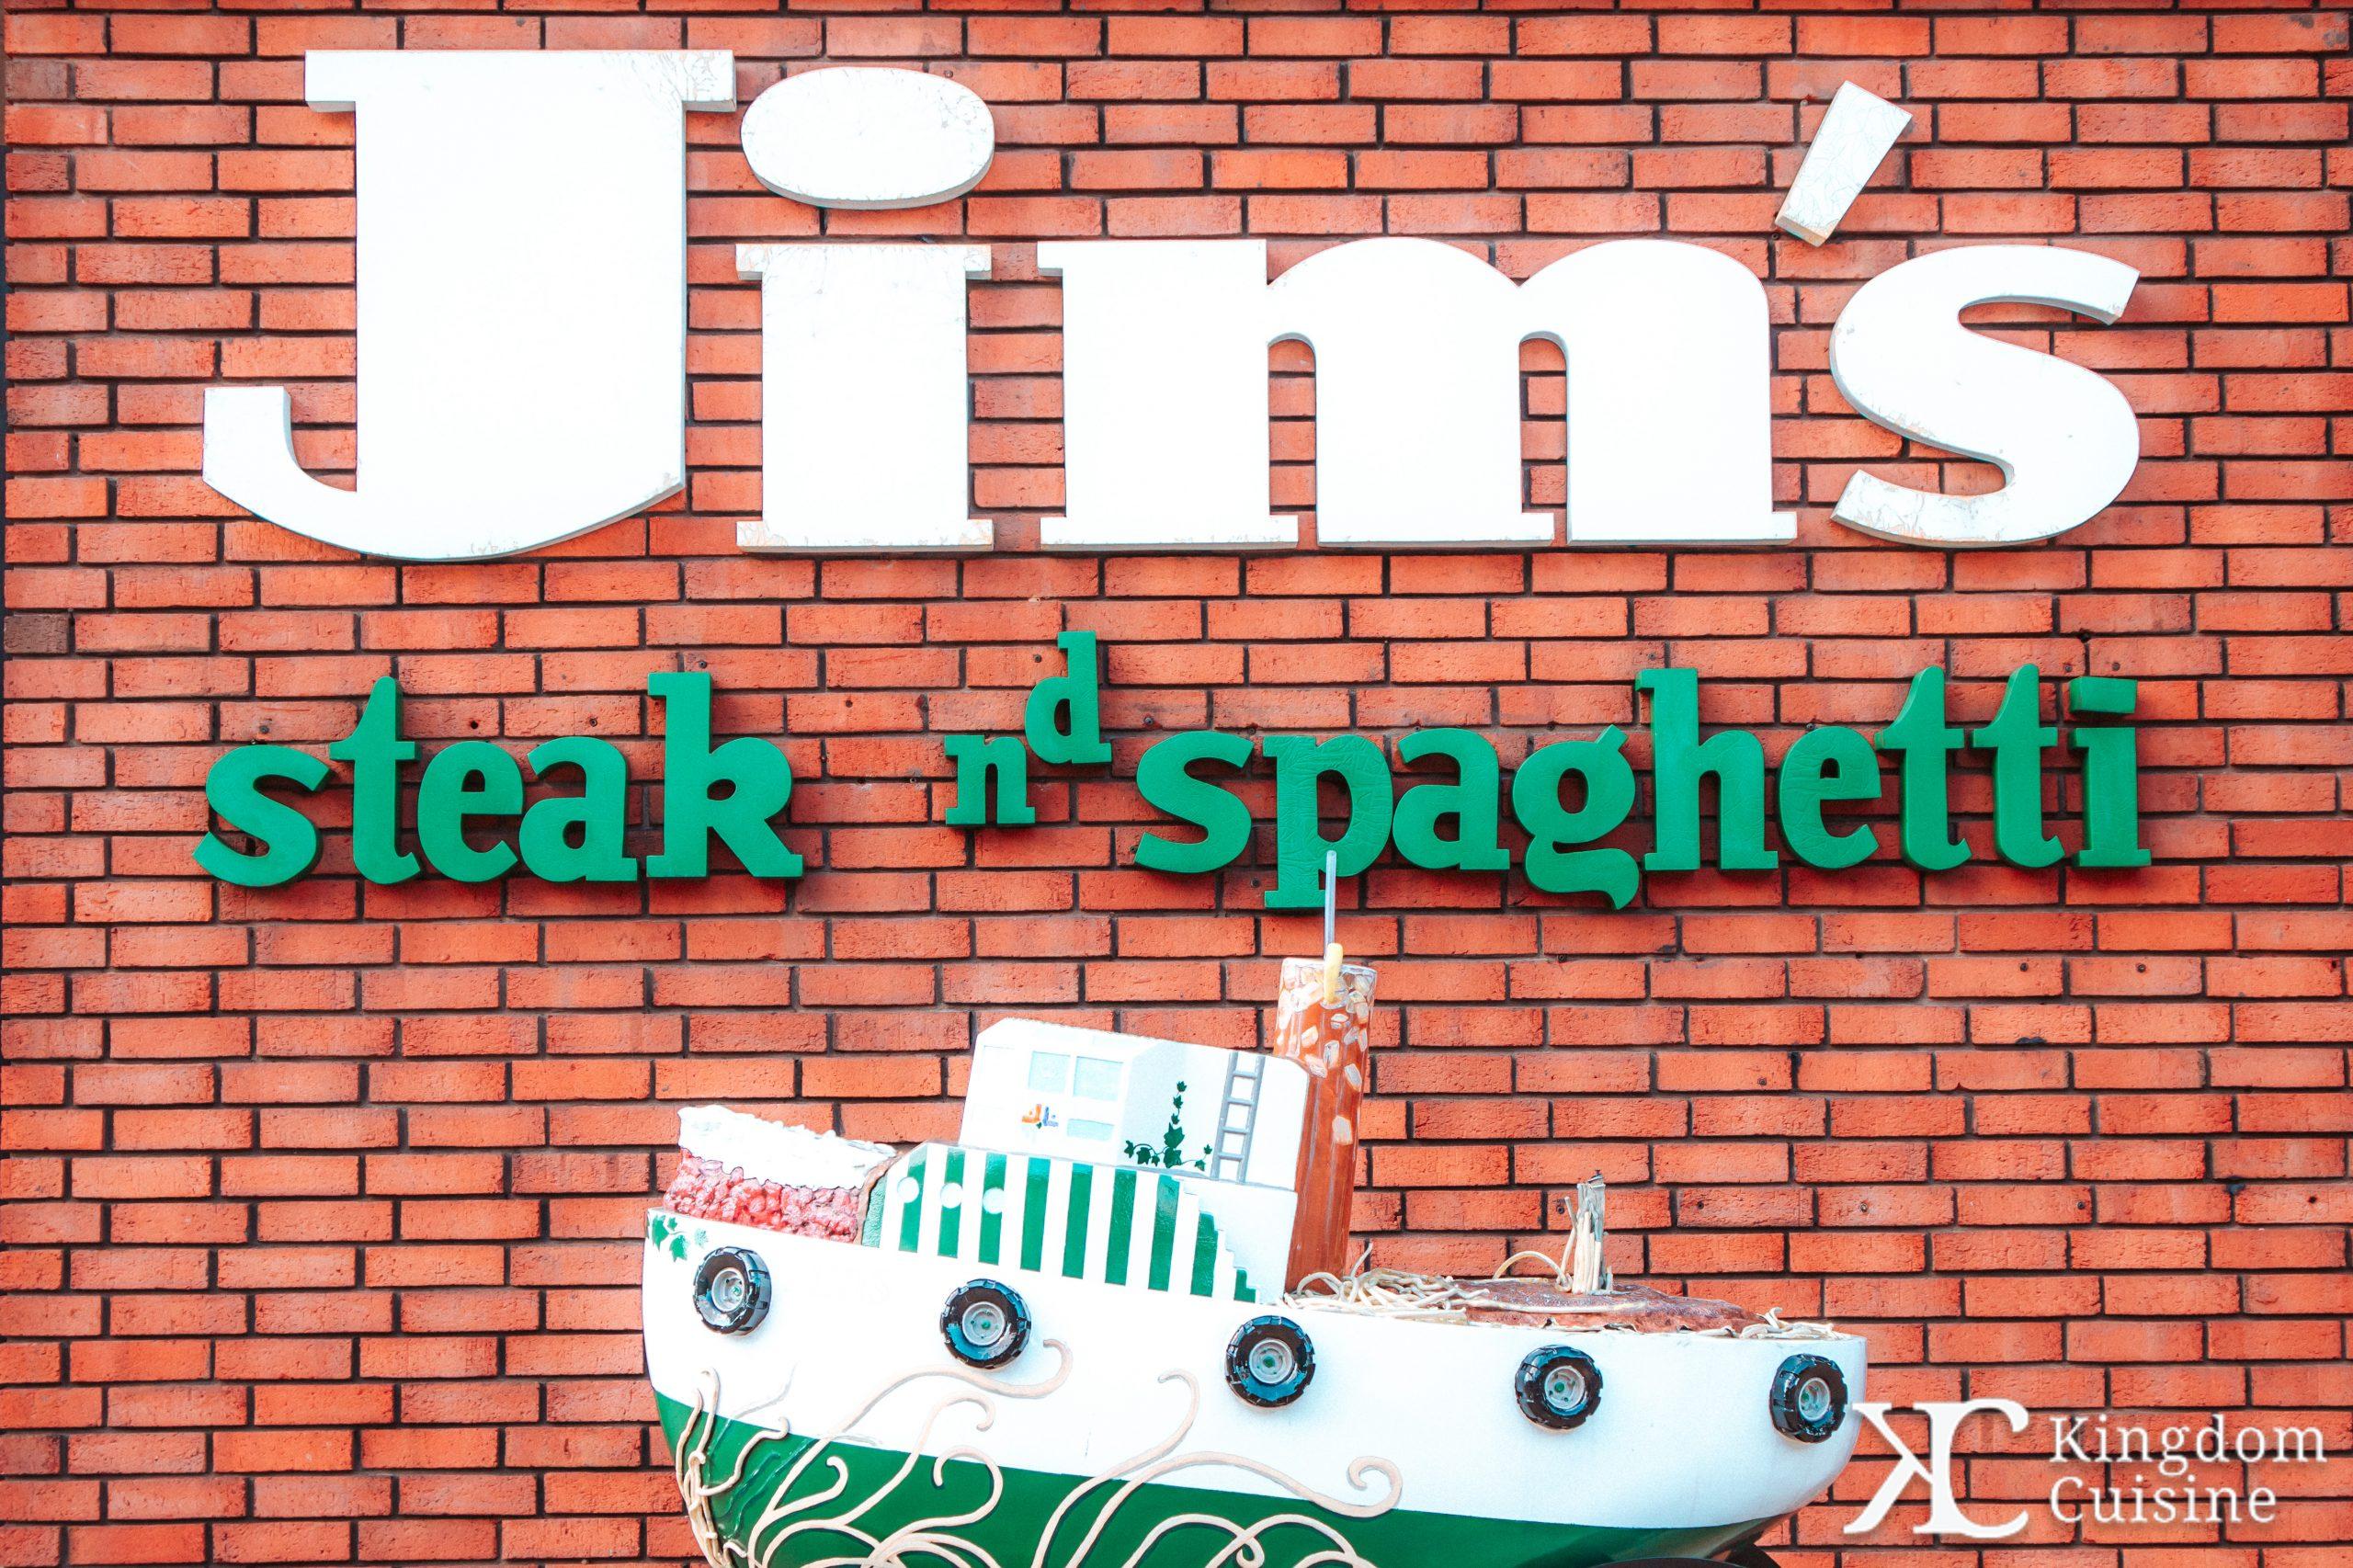 jims1010